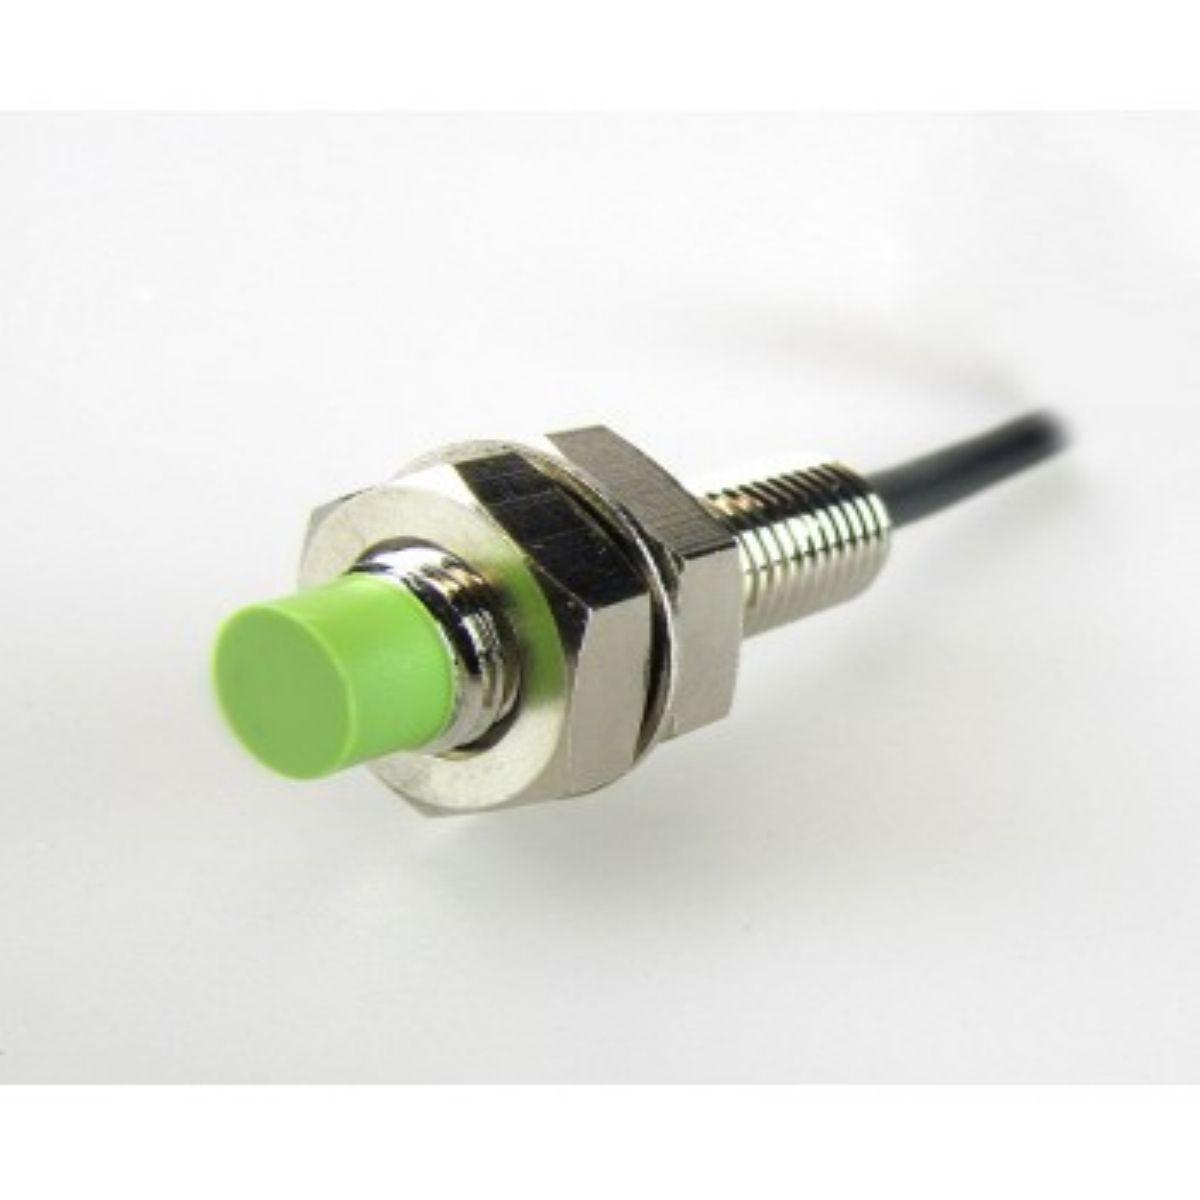 1 PCS LTC3812EFE-5 TSSOP-16 LTC3812 3812 EFE-5 LTC3812EFE-5#PBF Controller